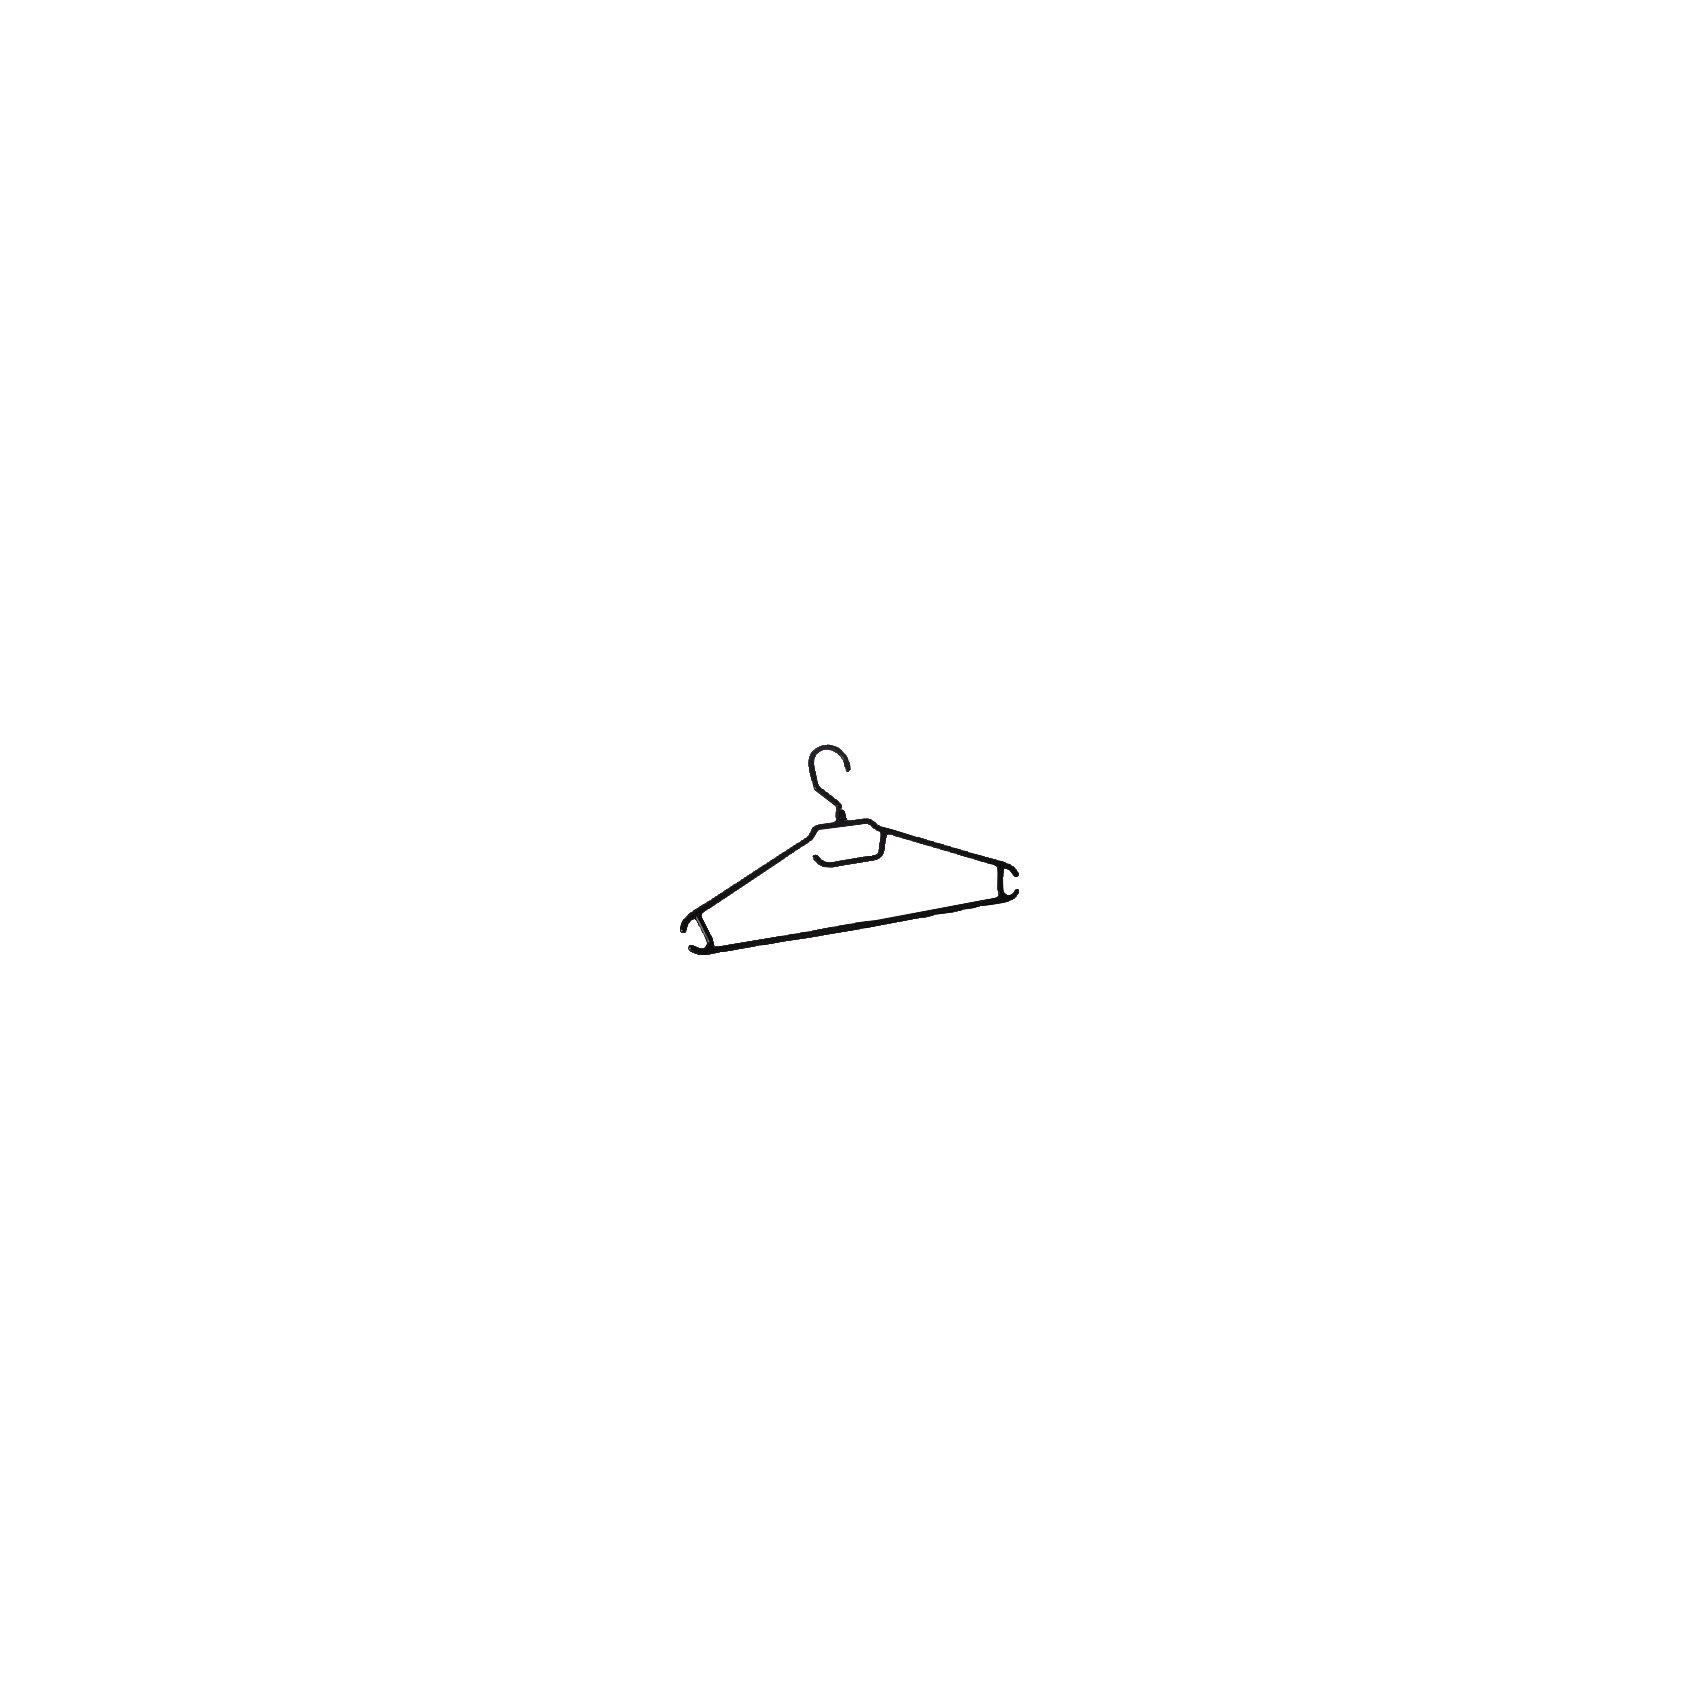 Вешалка-плечики для легкой одежды 52-54, BranQПредметы интерьера<br>Вешалка-плечики для легкой одежды 52-54, BranQ<br><br>Характеристики:<br><br>• Цвет: черный<br>• Материал: пластик<br>• В комплекте: 1 штука<br>• Размер одежды: 52-54<br><br>Вешалка изготовлена из пластика высокого качества, а потому имеет повышенную прочность и не бьется. Оснащена закругленными плечиками, для предоставления более бережного хранения вашим вещам, а так же имеет перекладину и три крючка.<br><br>Вешалка-плечики для легкой одежды 52-54, BranQ можно купить в нашем интернет-магазине.<br><br>Ширина мм: 420<br>Глубина мм: 205<br>Высота мм: 10<br>Вес г: 62<br>Возраст от месяцев: 216<br>Возраст до месяцев: 1188<br>Пол: Унисекс<br>Возраст: Детский<br>SKU: 5545608